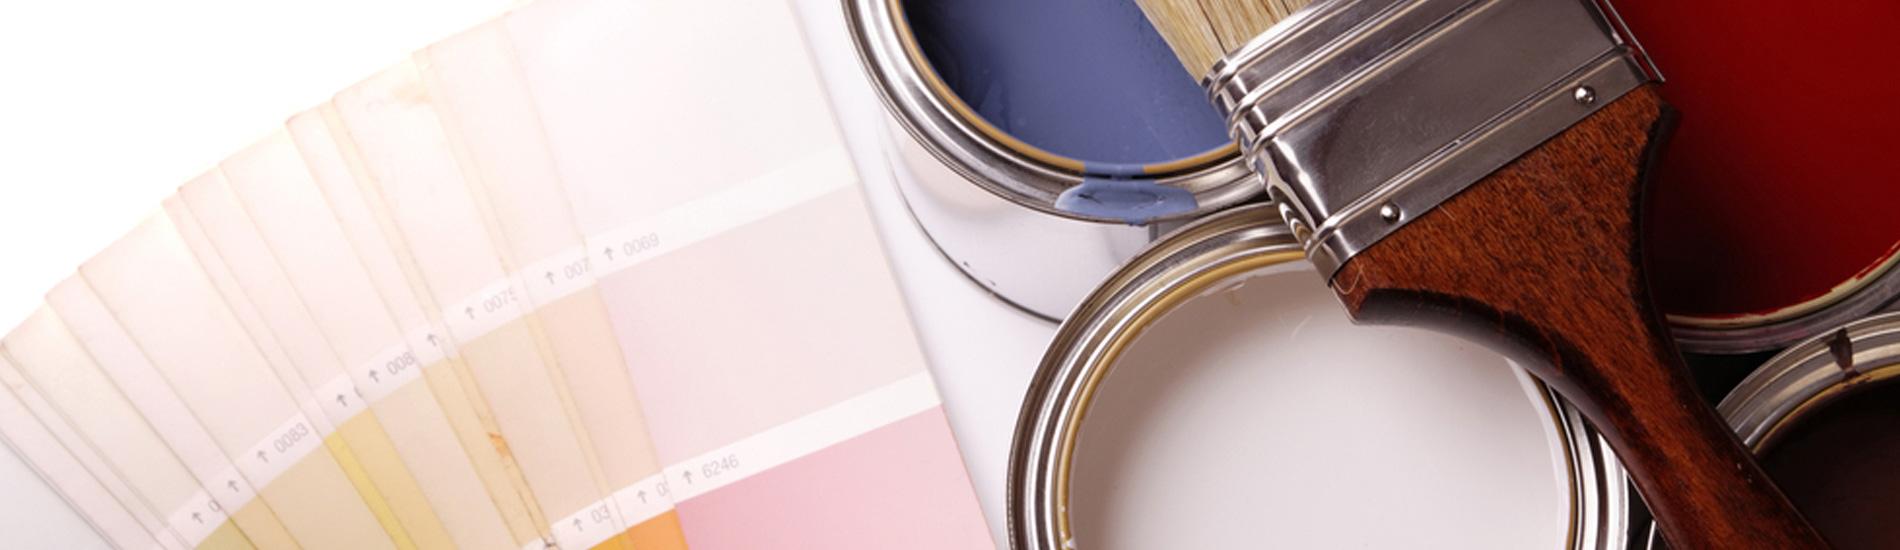 El mejor trabajo de pintura y decoracion en madrid - Empresa de pintura madrid ...